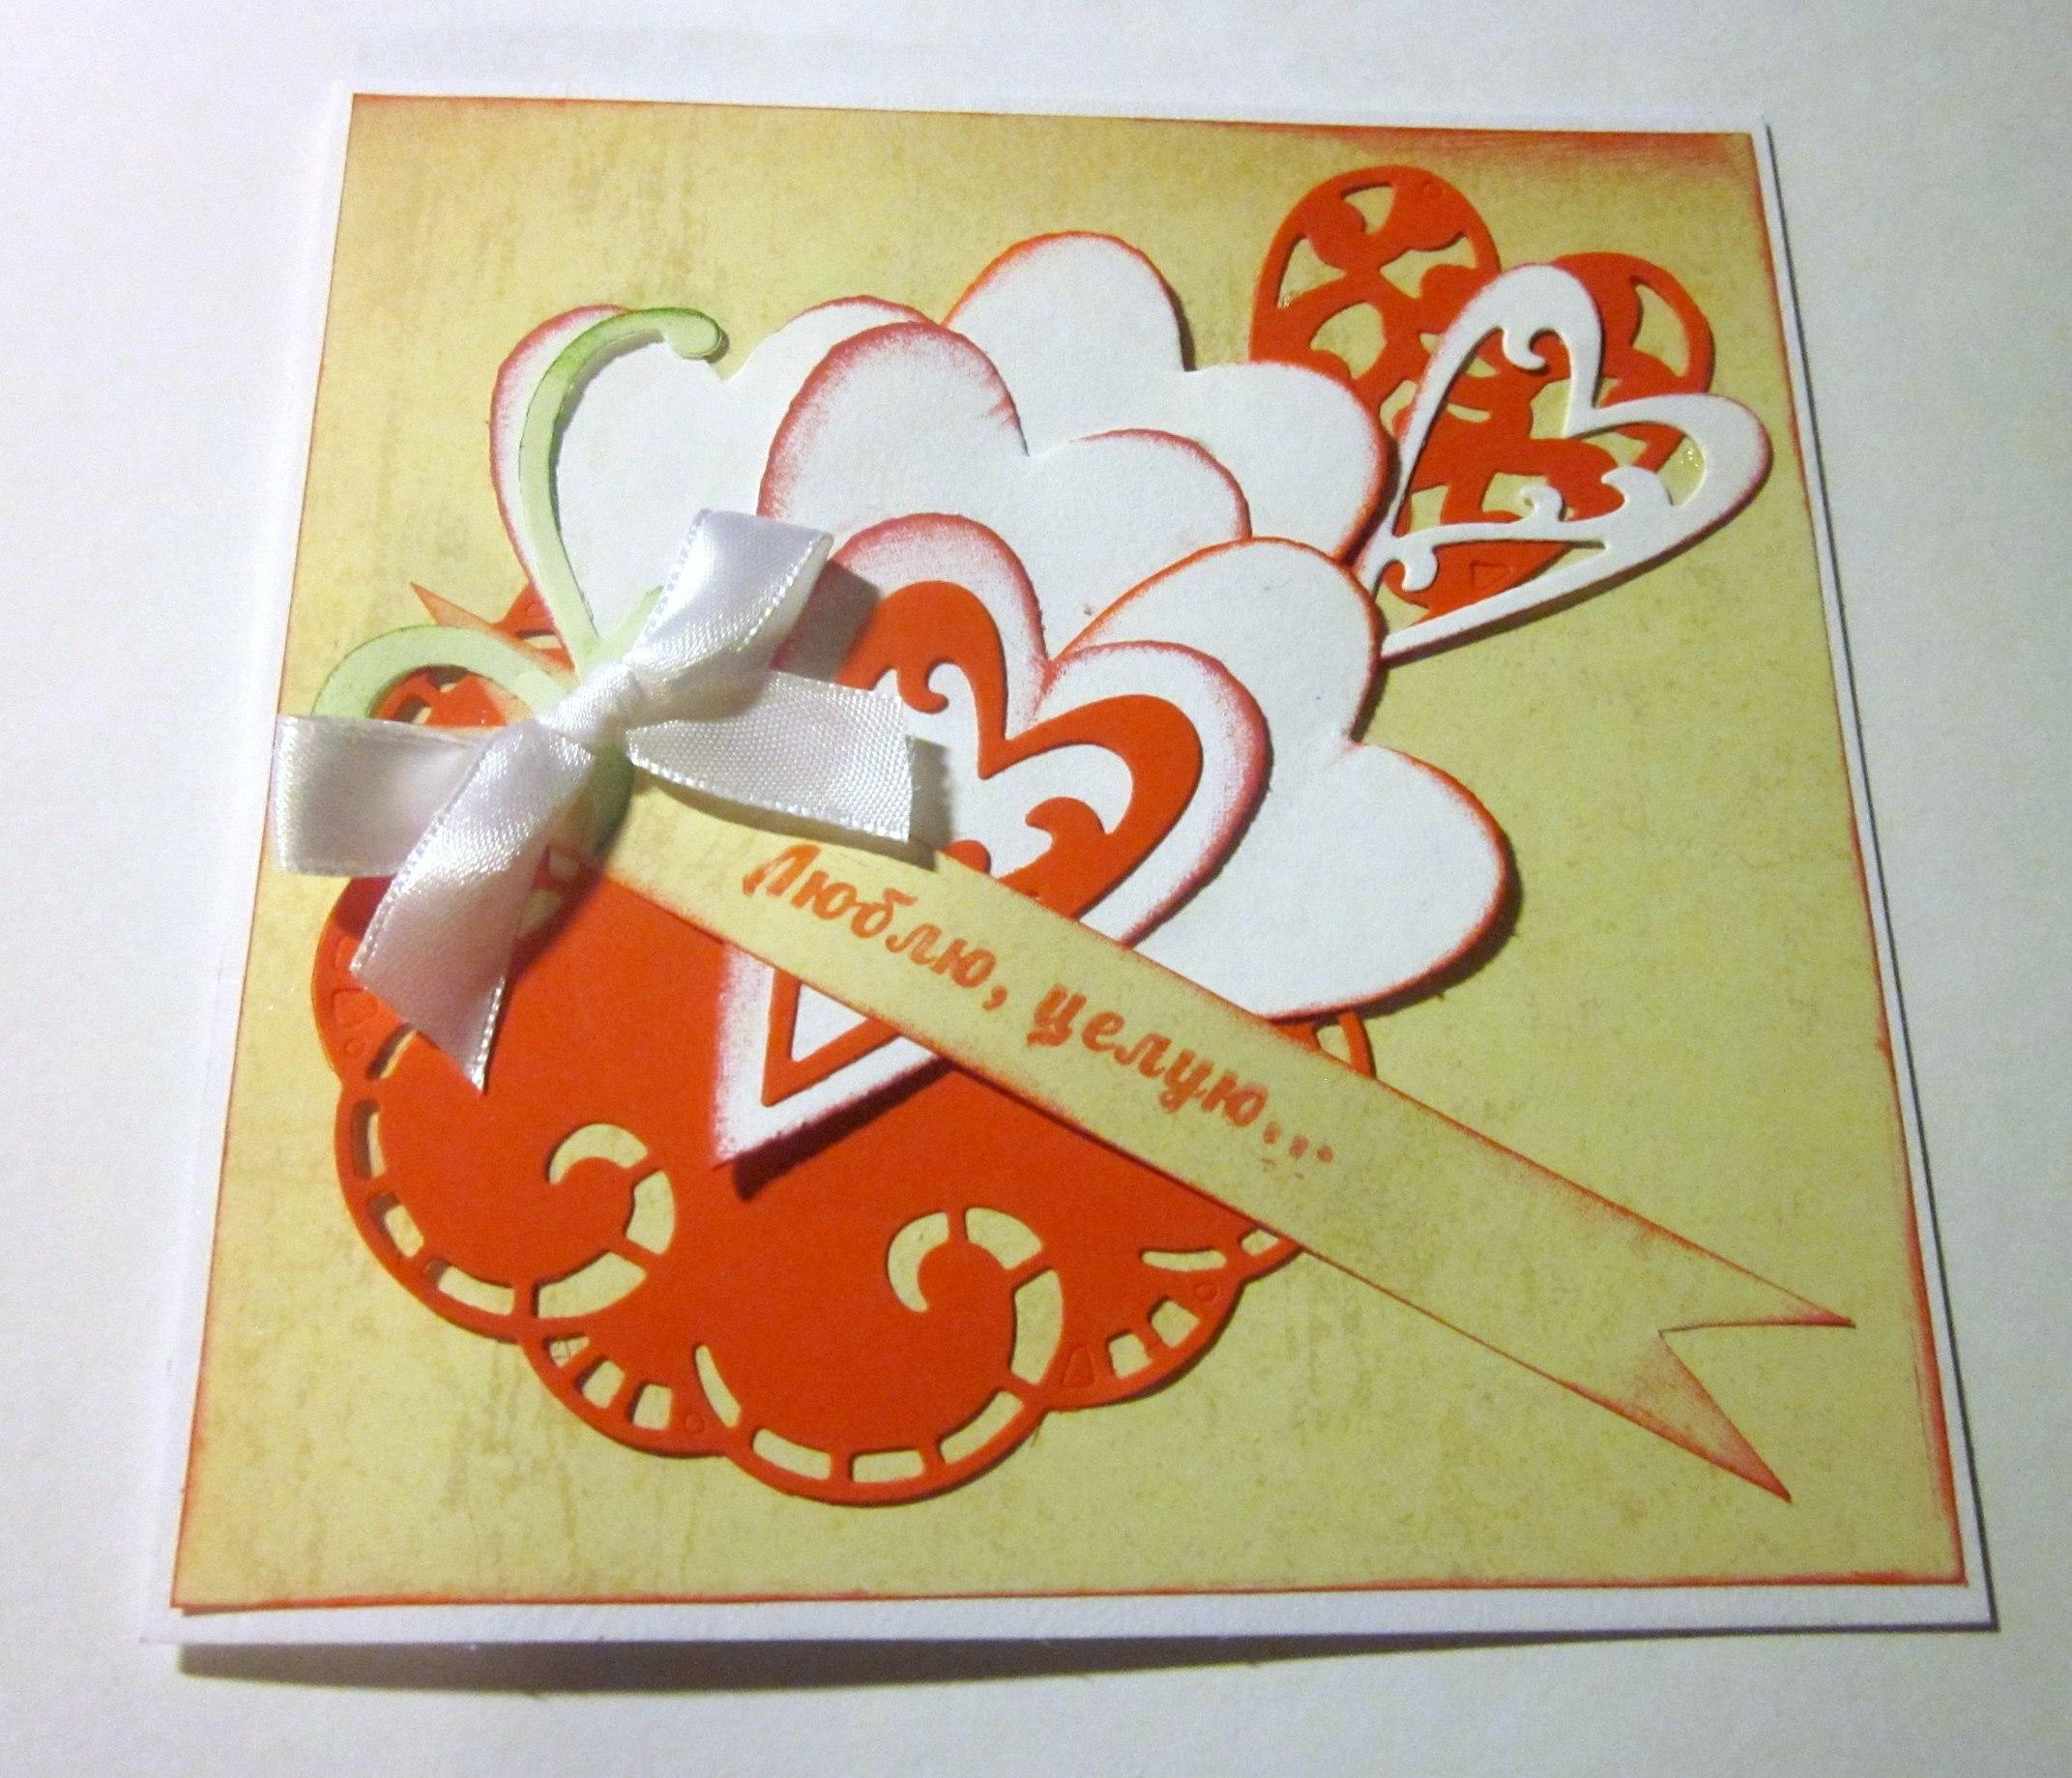 Мастер-класс открытка-валентинка в технике скрапбукинг! 14.02.16 г. в 11-30!